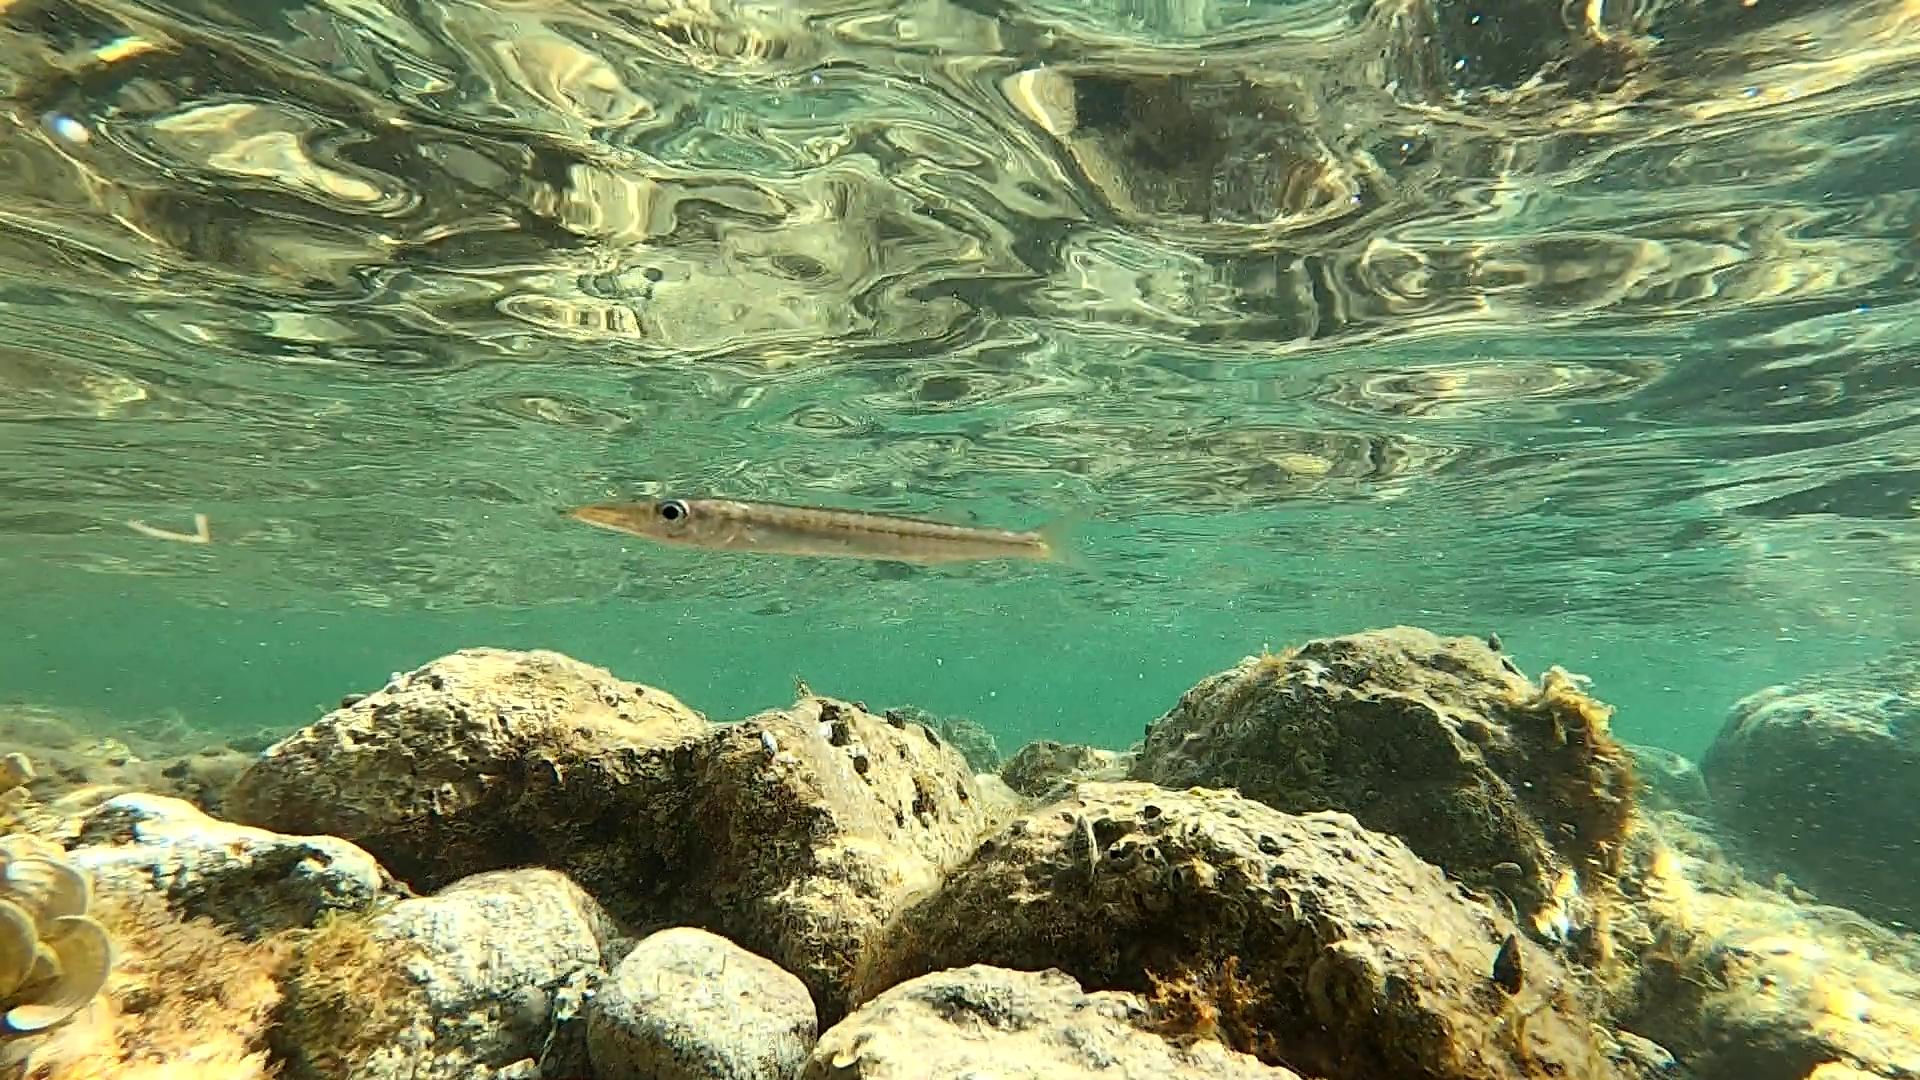 Barracuda mediterraneo Sphyraena viridensis Yellowmouth barracuda intotheblue.it